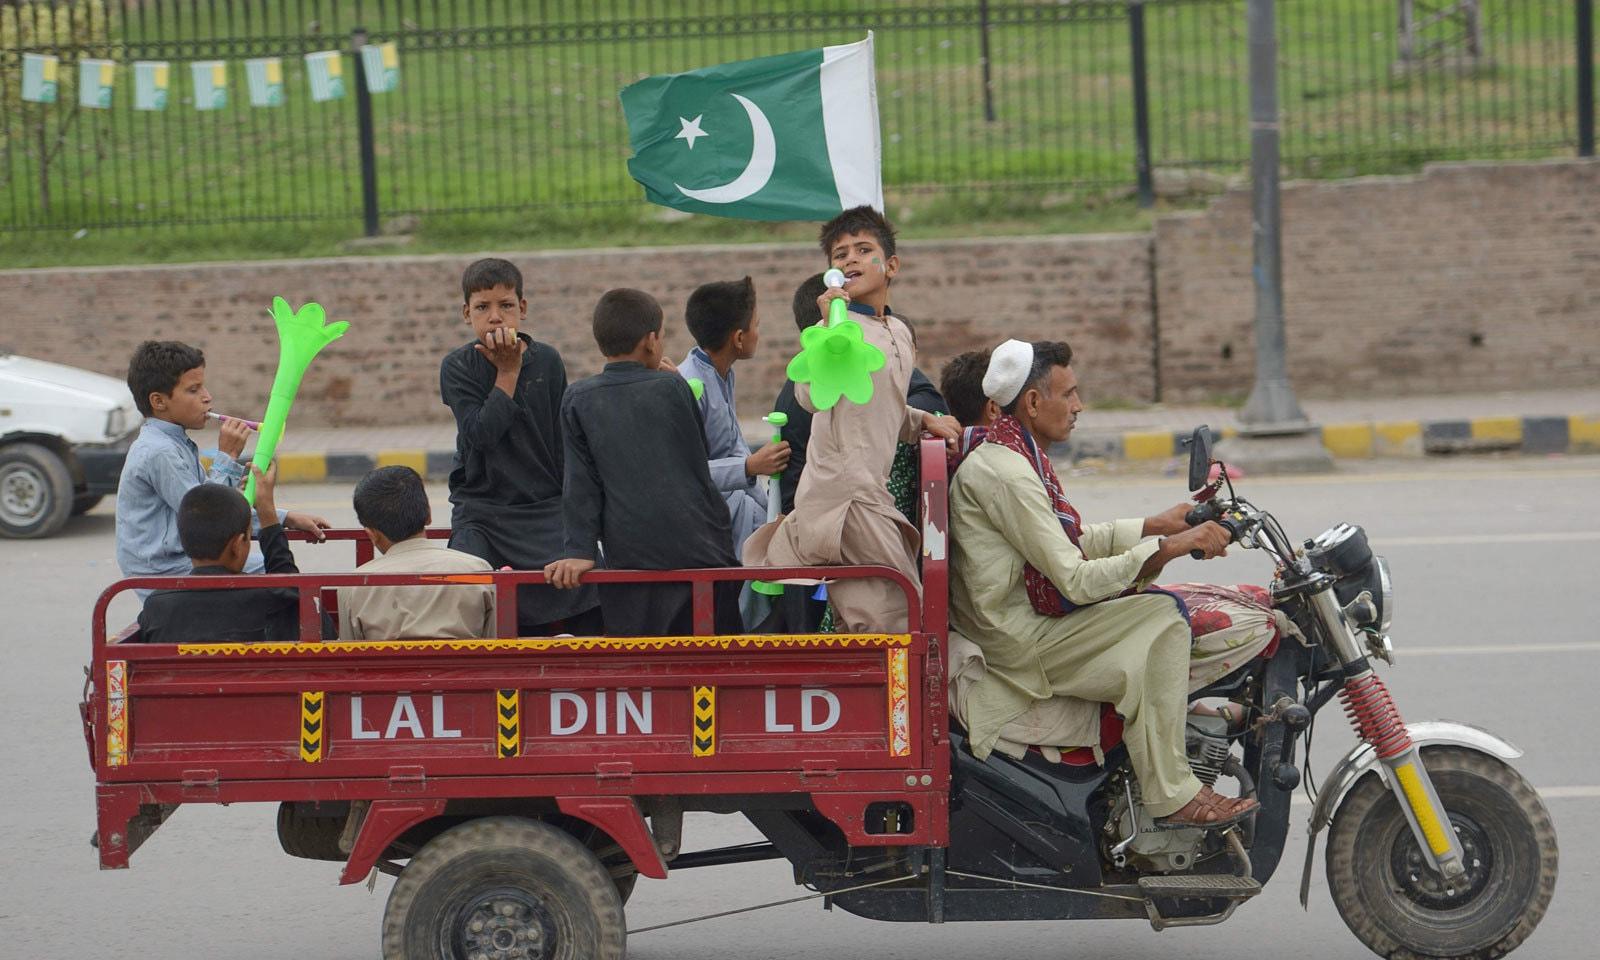 پرچم کشائی کی مرکزی تقریب اسلام آباد کے کنونشن سینٹر میں منقعد ہوئی — فوٹو: اے ایف  پی